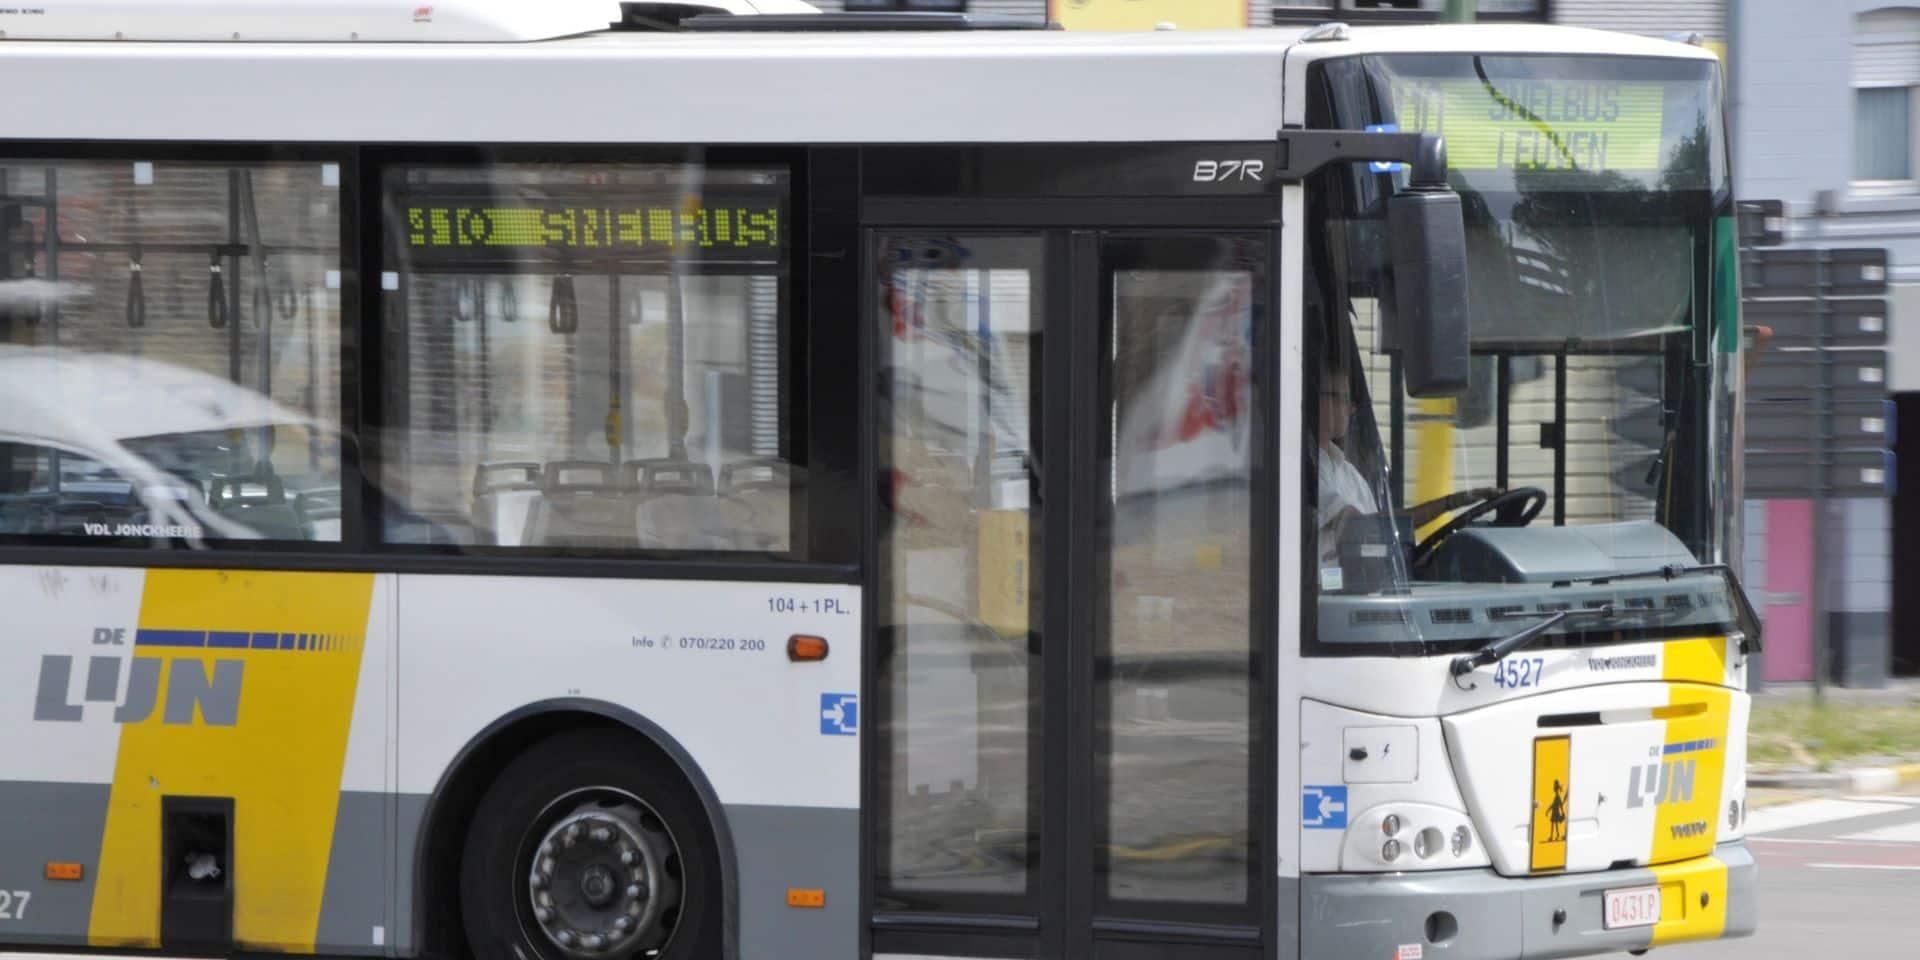 Vol d'un bus De Lijn à Ypres, le suspect arrêté